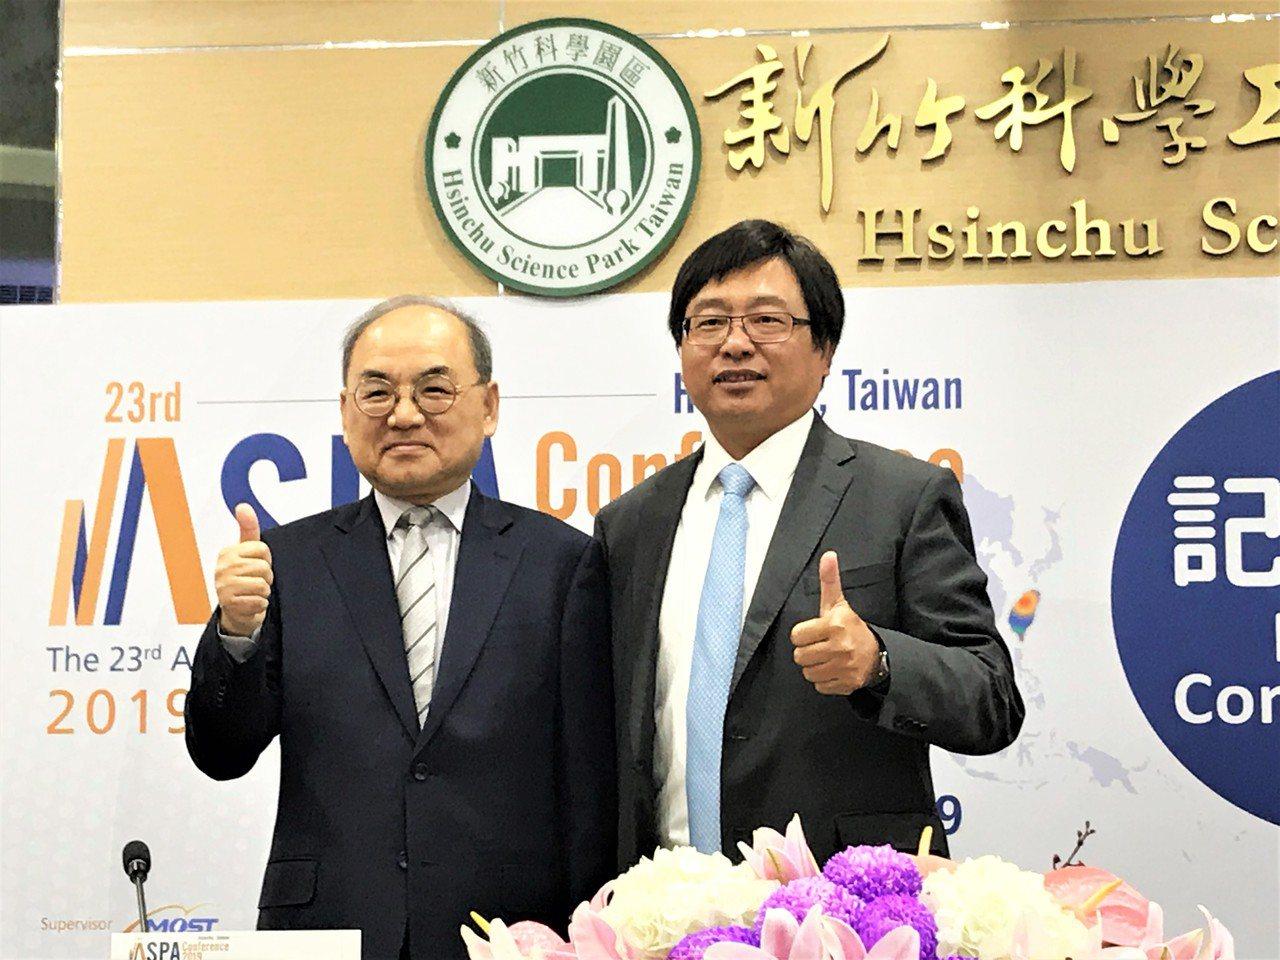 竹科管理局局長及是現任ASPA理事長王永壯(右)偕同秘書長Dr. Kwon宣布,...